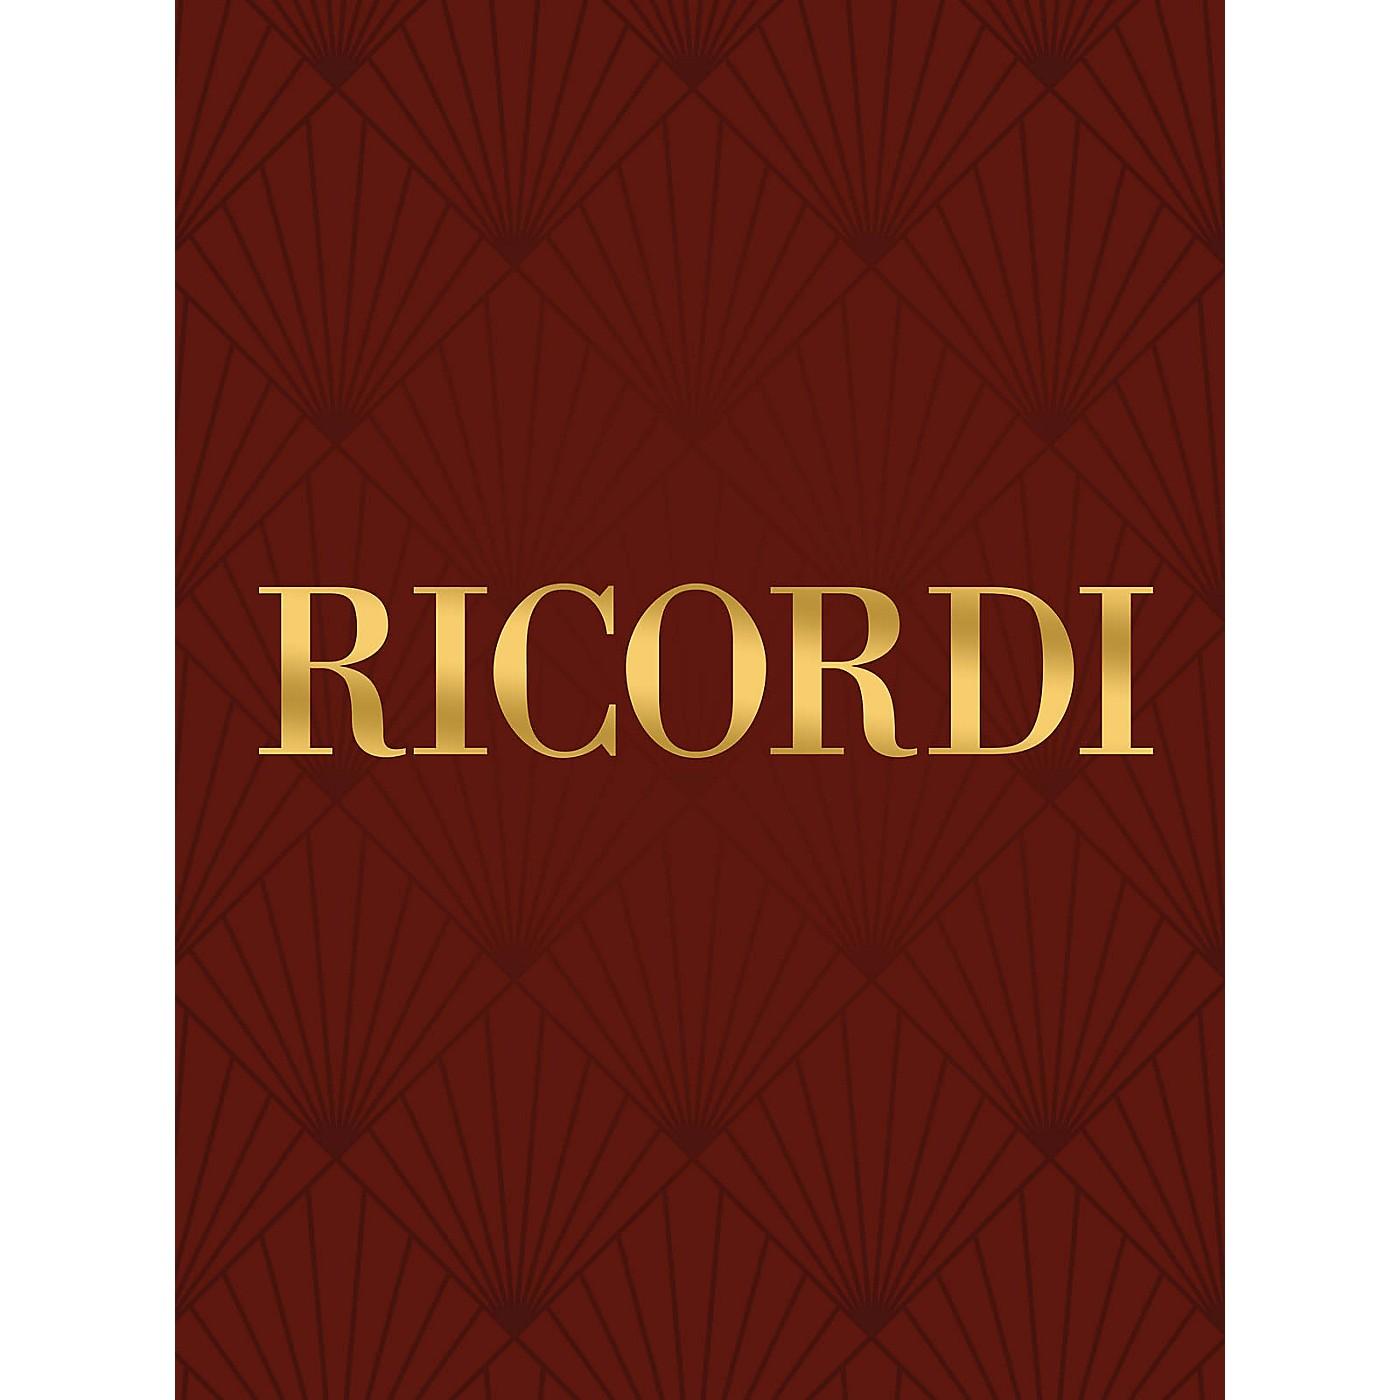 Ricordi L Incoronazione Di Poppea Lib It 3acts Opera Series Composed by Claudio Monteverdi thumbnail